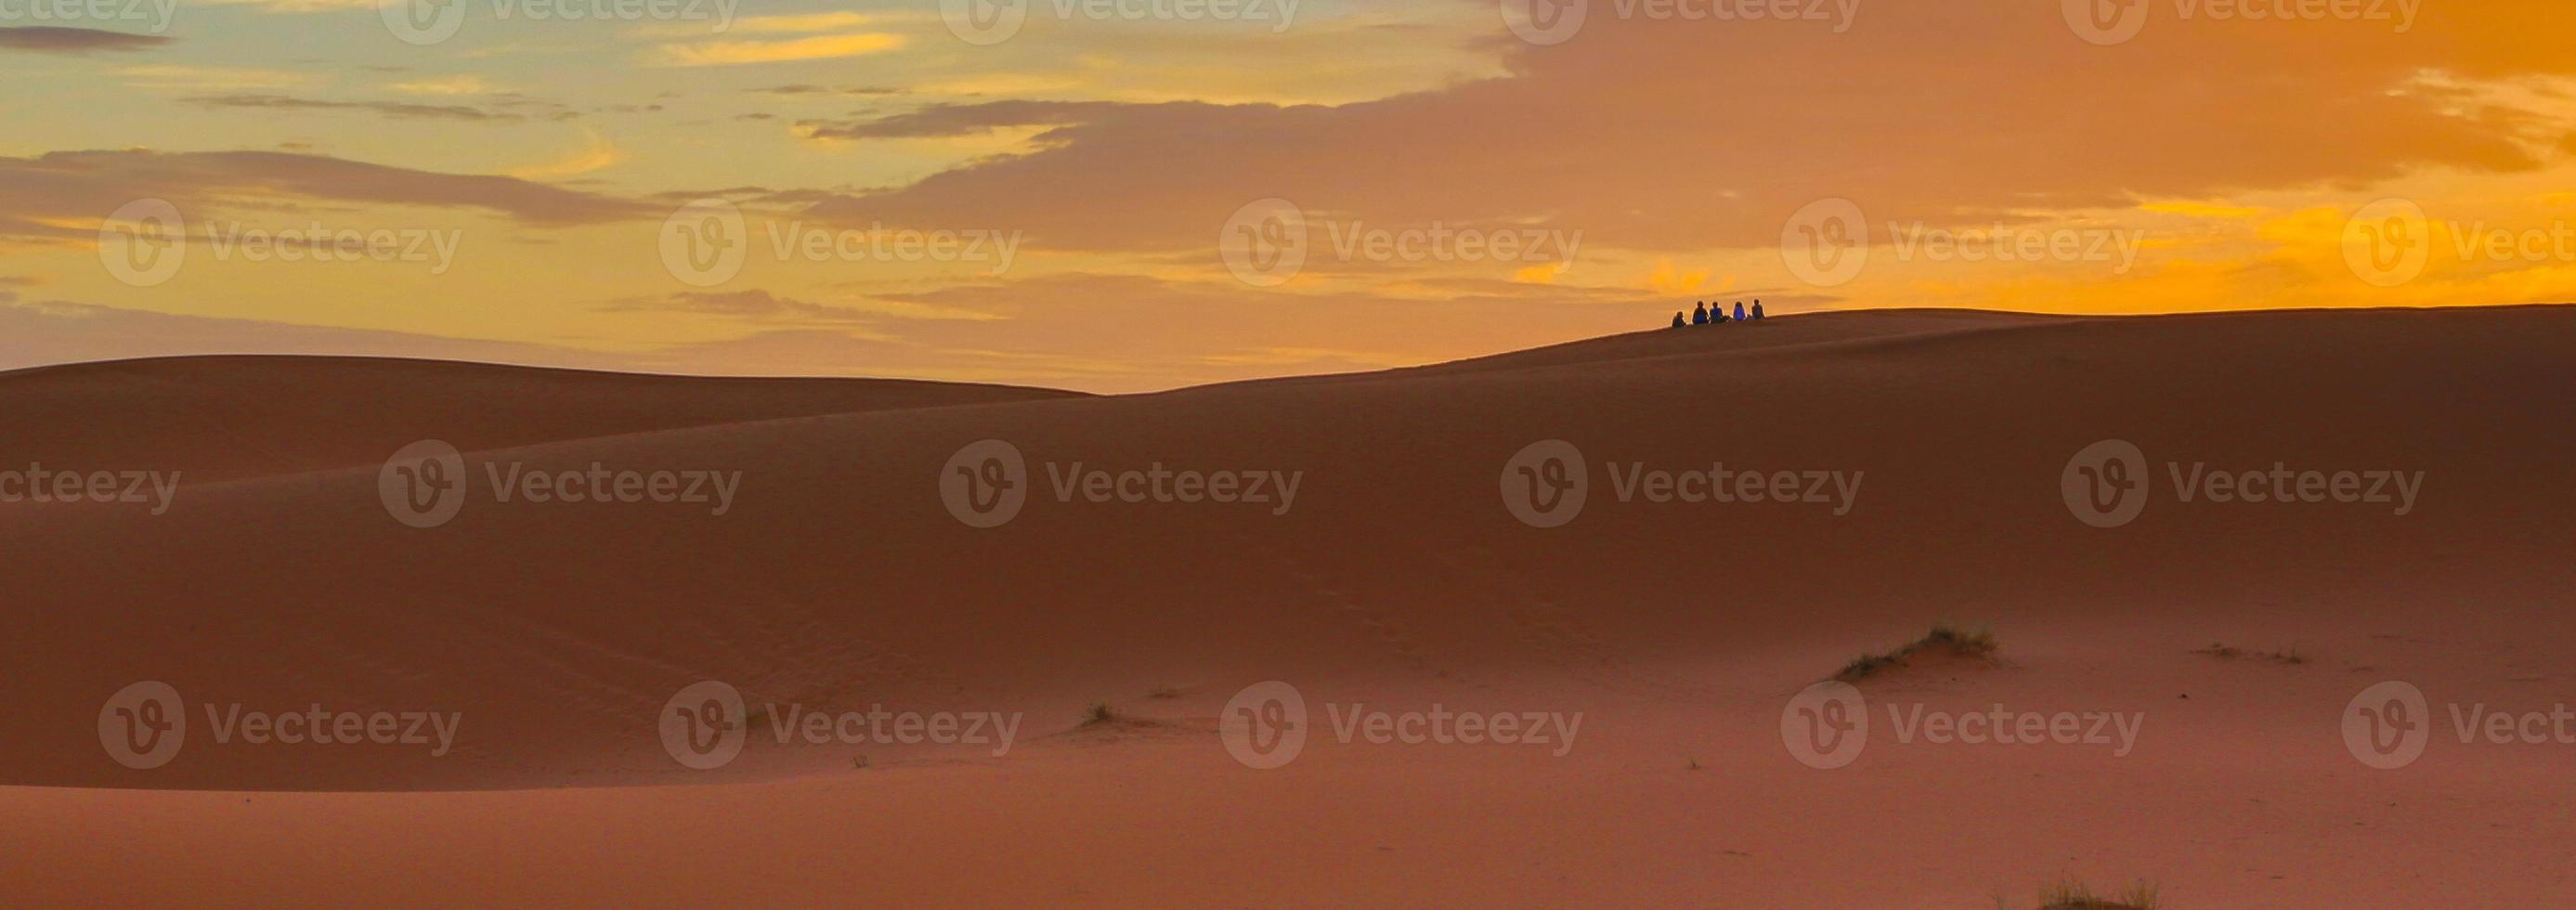 désert du sahara maroc. personnes au loin en regardant le lever du soleil. photo